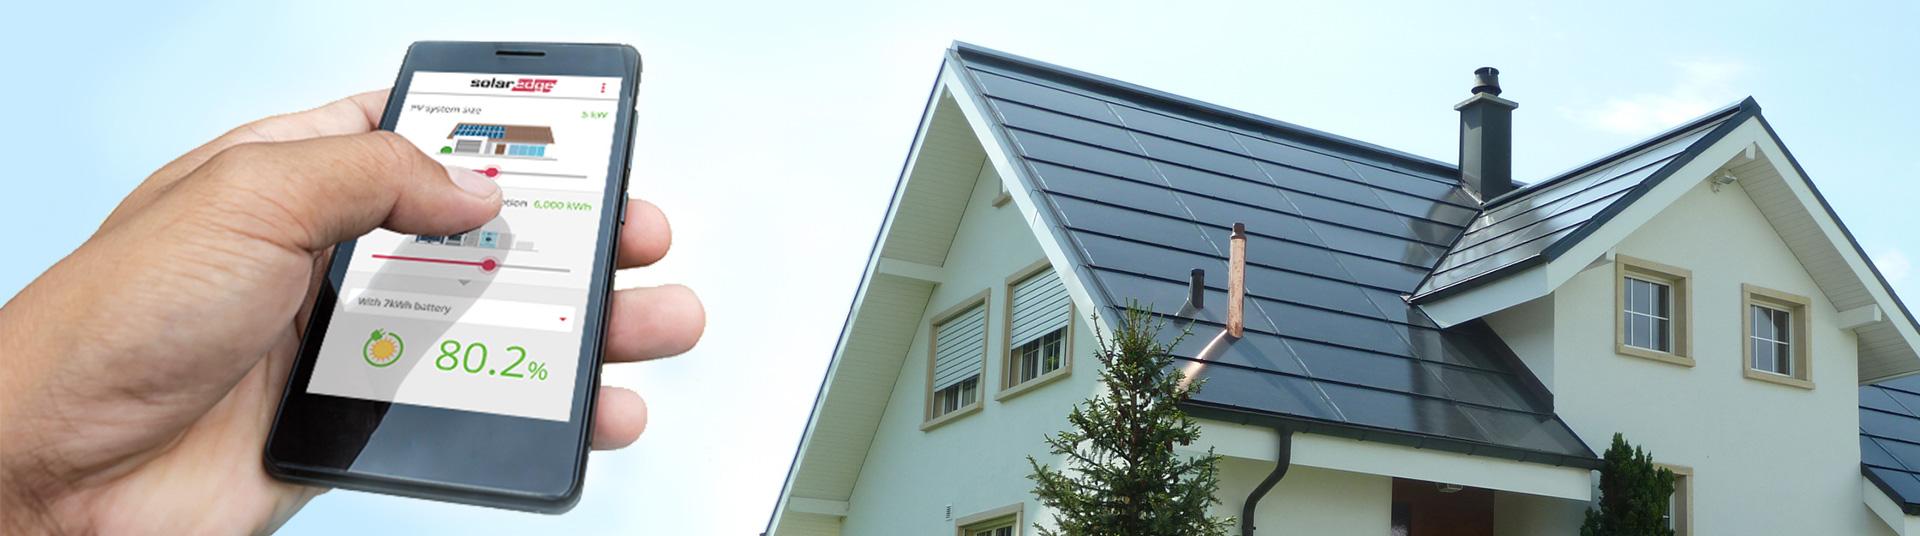 Pv Self Consumption Simulator App Solaredge A World